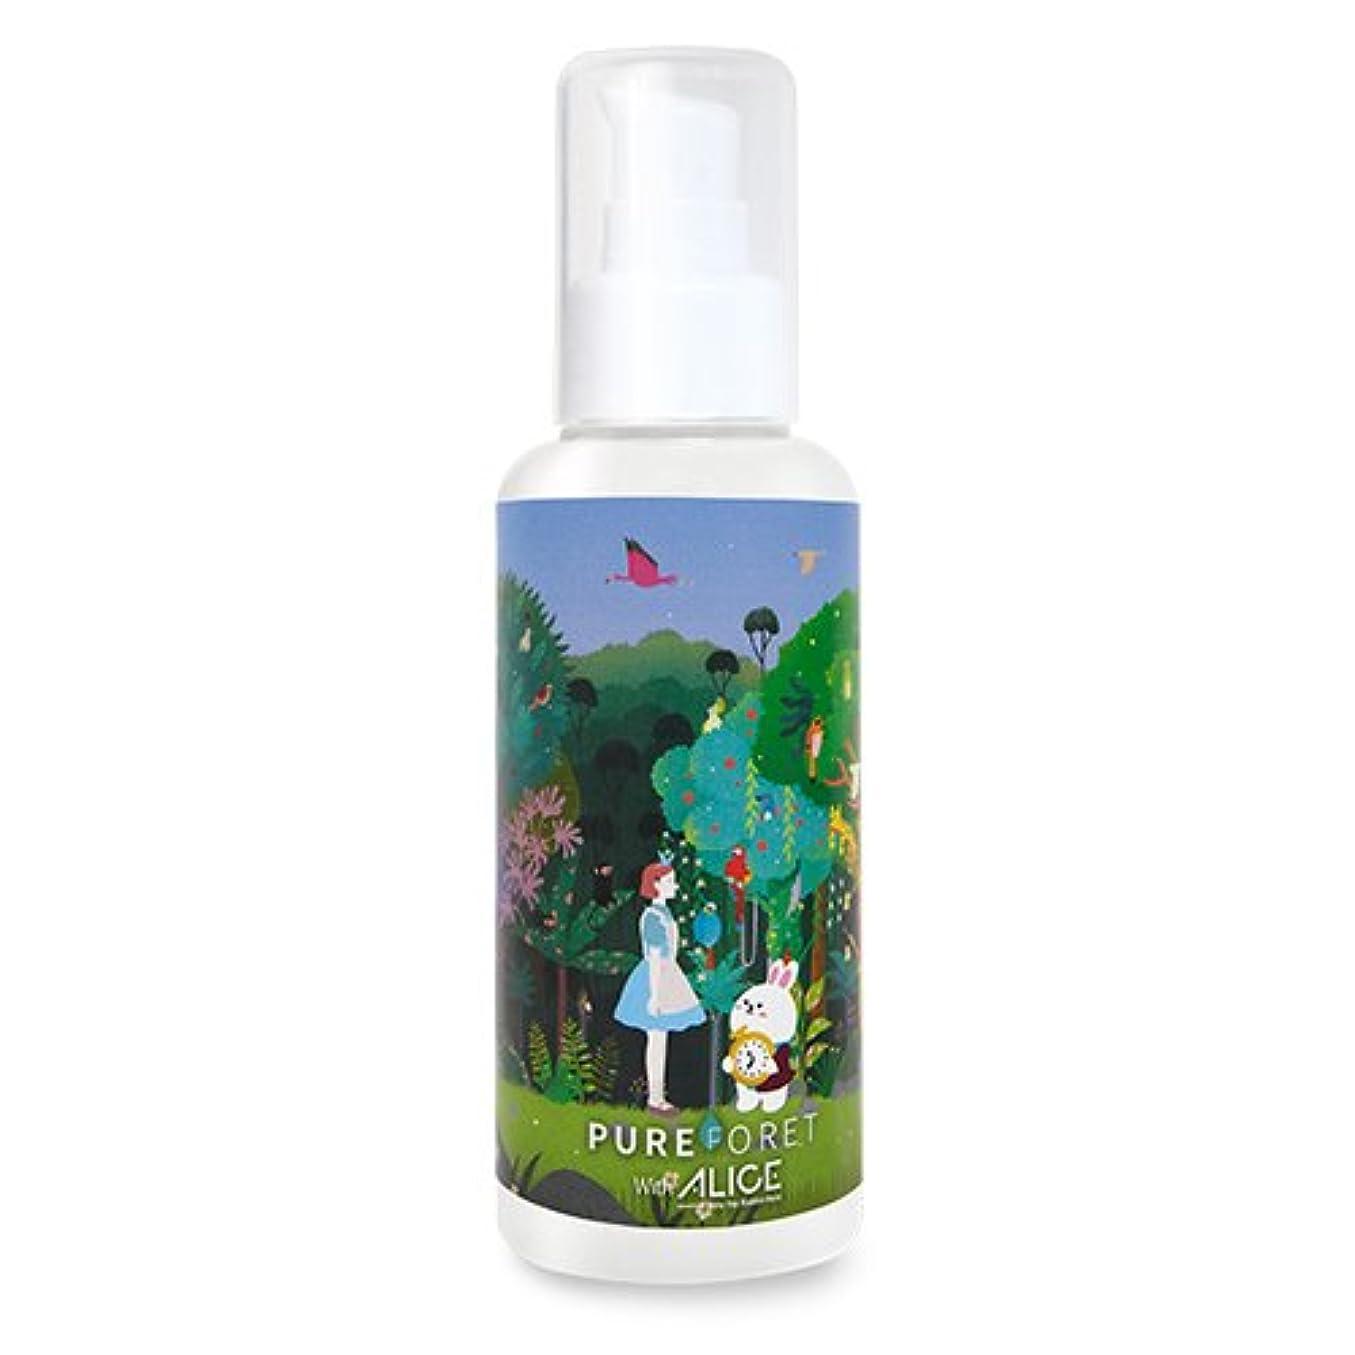 スタック電子ペデスタル韓国産 Pureforet x Alice スキンリペア ハイドレーティング スキン 化粧水 (150ml)